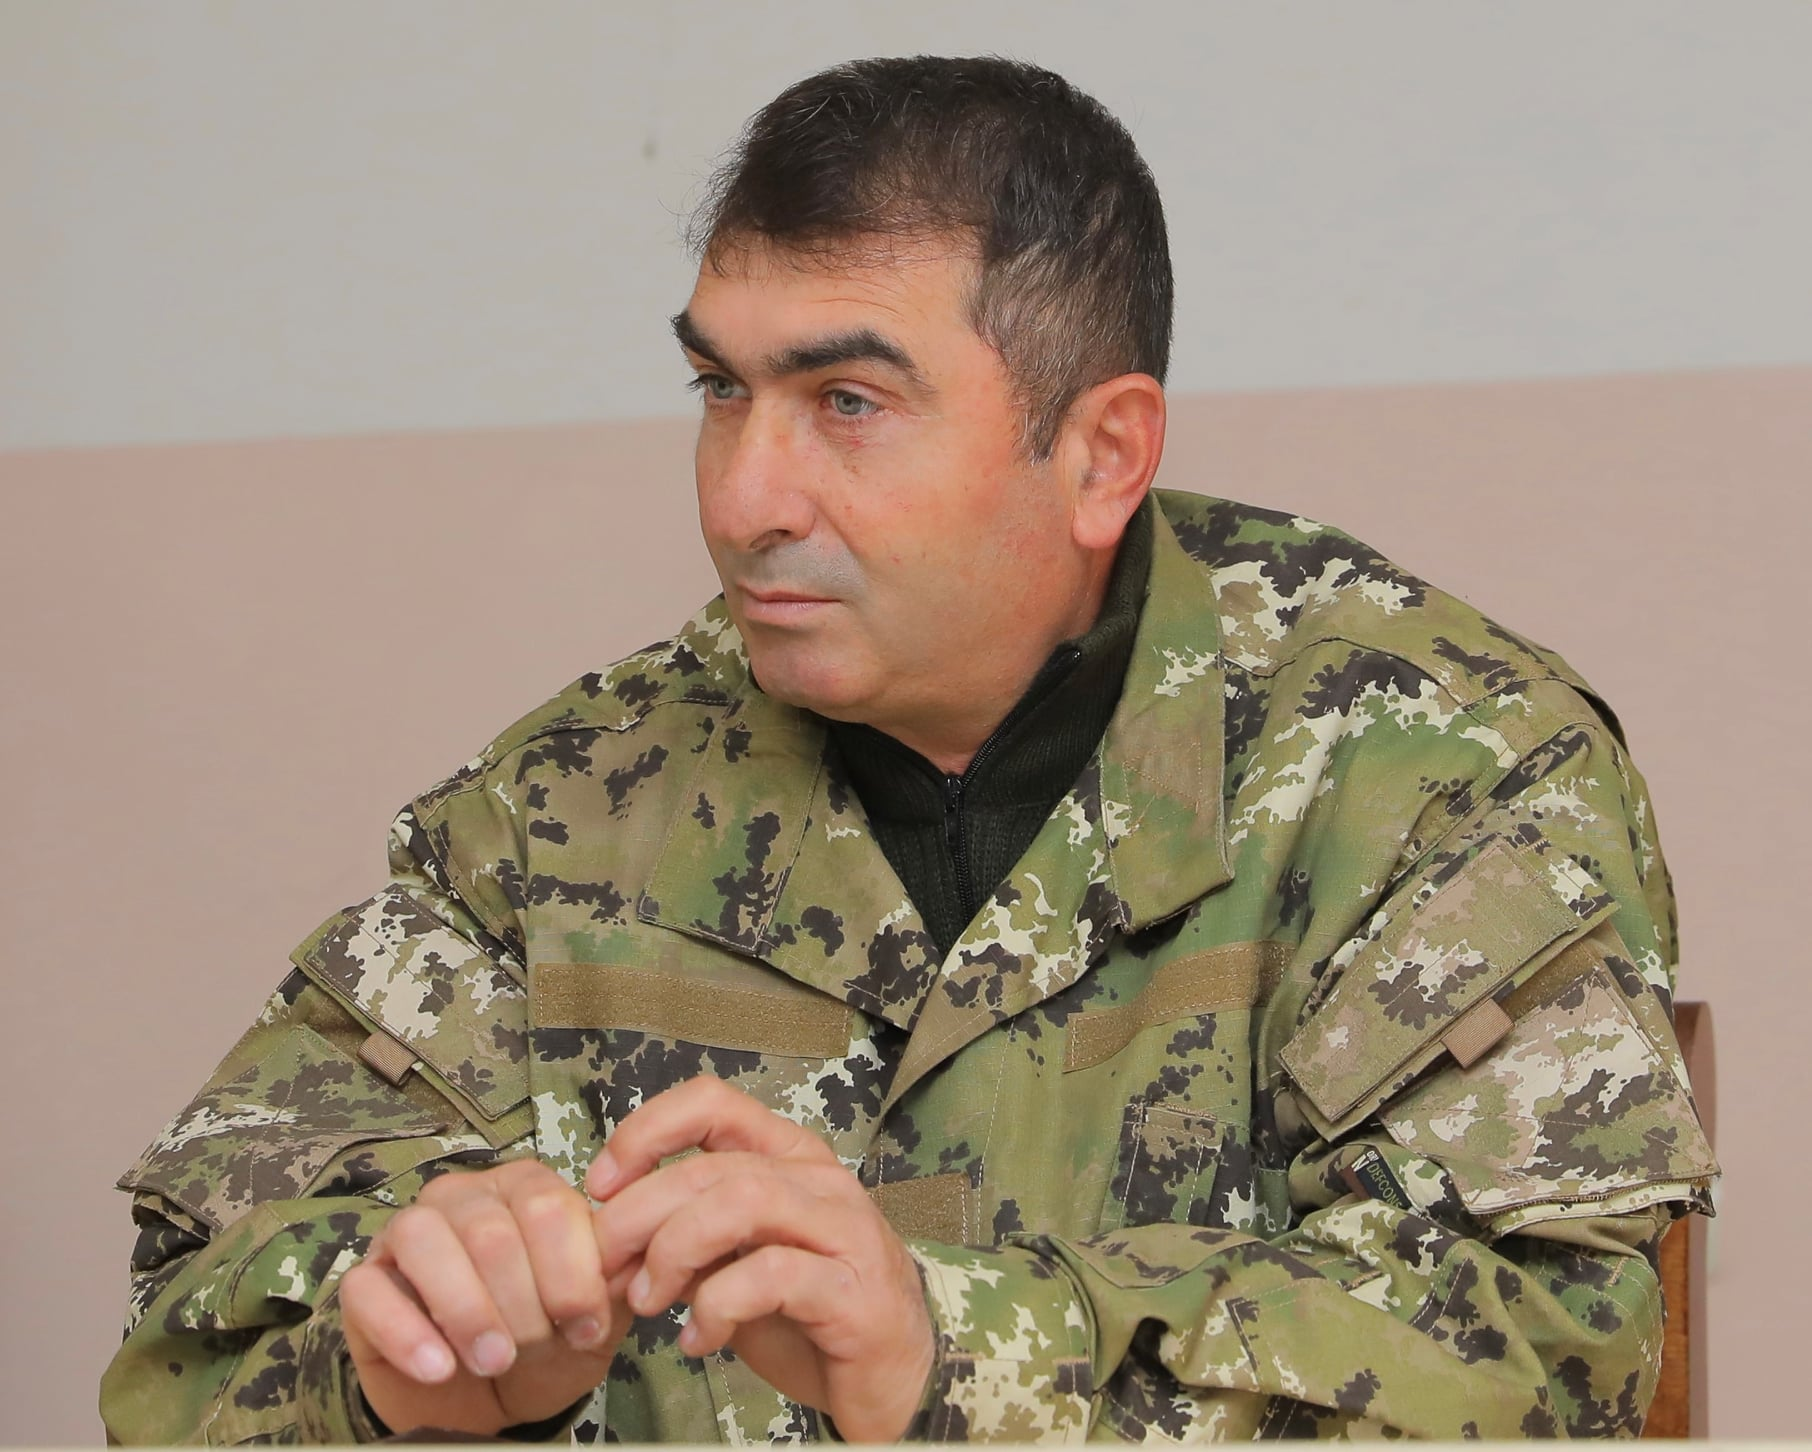 Photo of ԱՀ Մարտունու շրջանի վարչակազմի ղեկավար Արարատ Մելքումյանին շնորհվել է «Արցախի հերոս» բարձրագույն կոչում